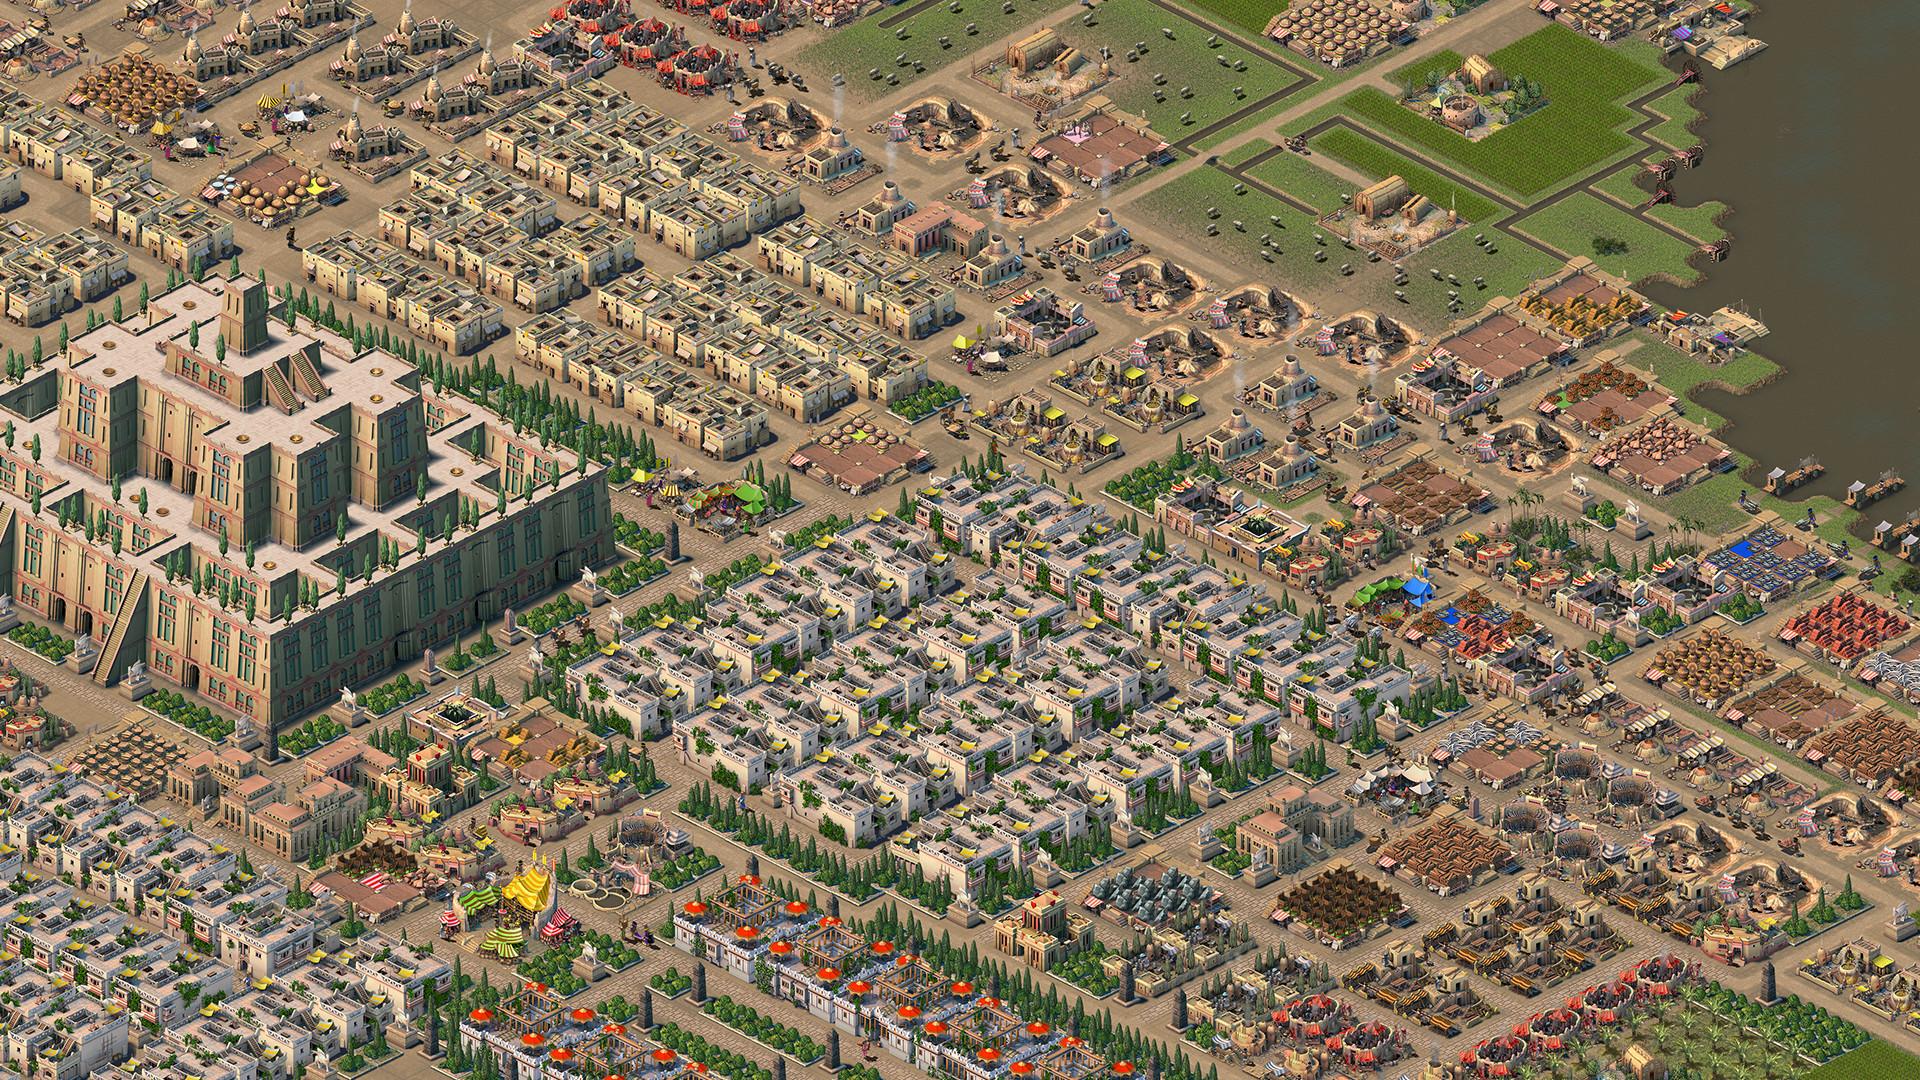 古代メソポタミアが舞台の都市運営シミュレーション『Nebuchadnezzar』2021年2月17日に発売へ。世界最古の人類であるシュメール人たちを率いて古代最大の街を築こう